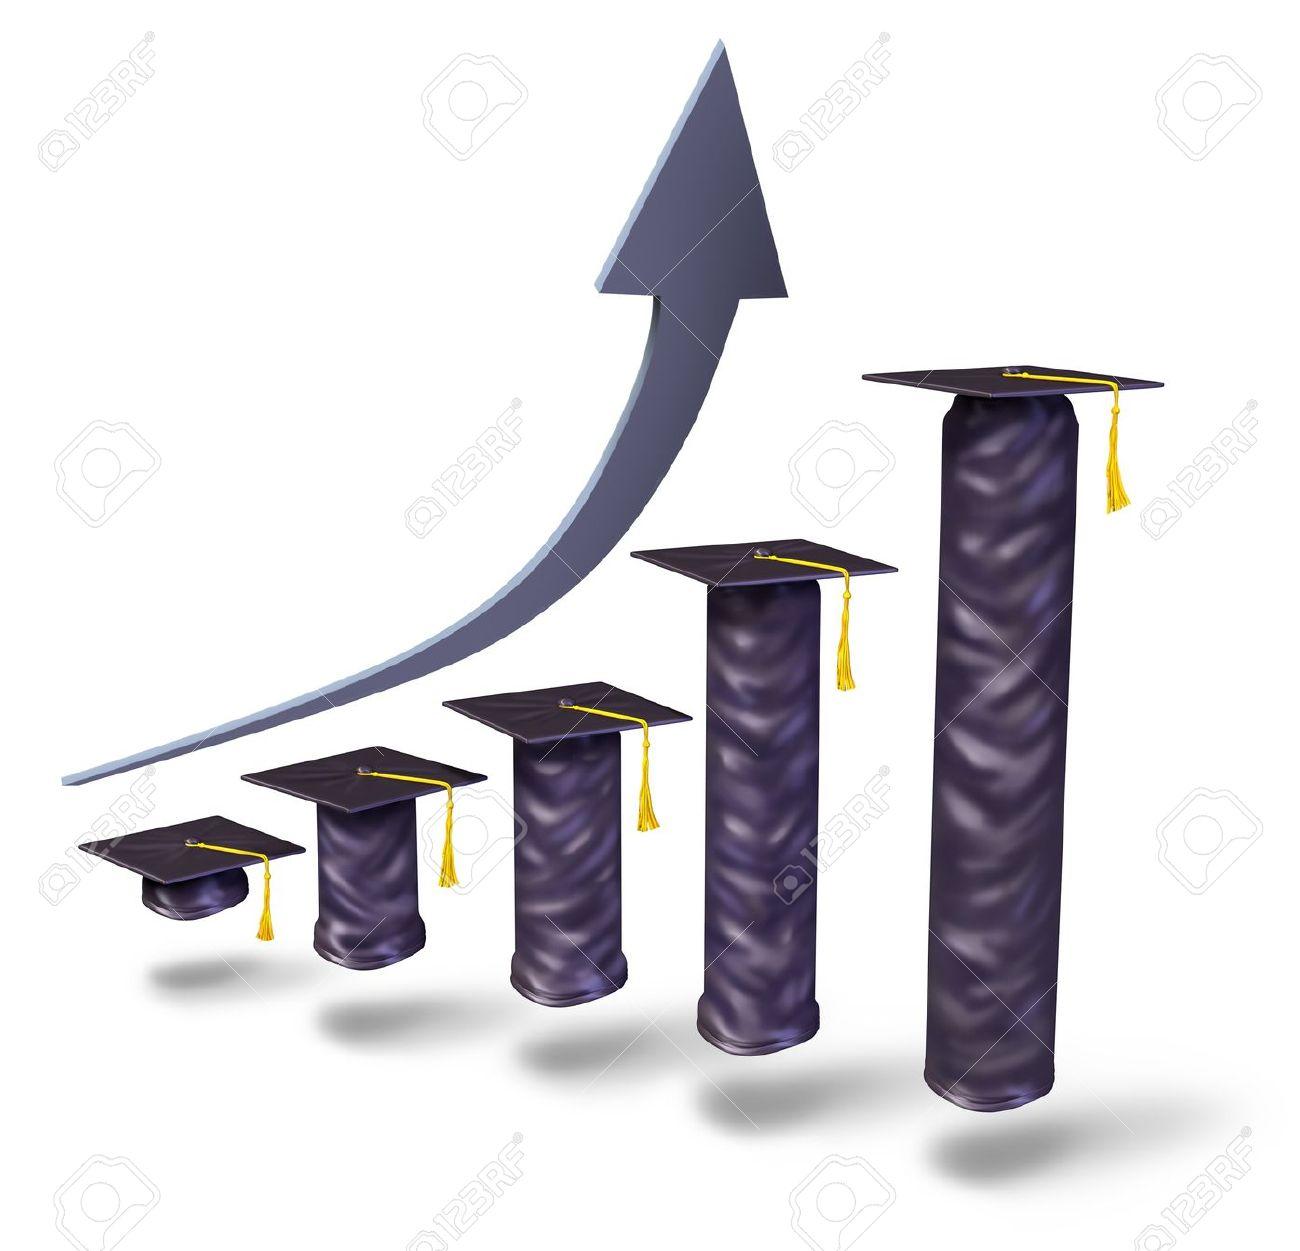 13523382-Aumento-de-la-matr-cula-escolar-con-las-tapas-de-graduaci-n-gradualmente-el-aumento-en-la-altura-com-Foto-de-archivo